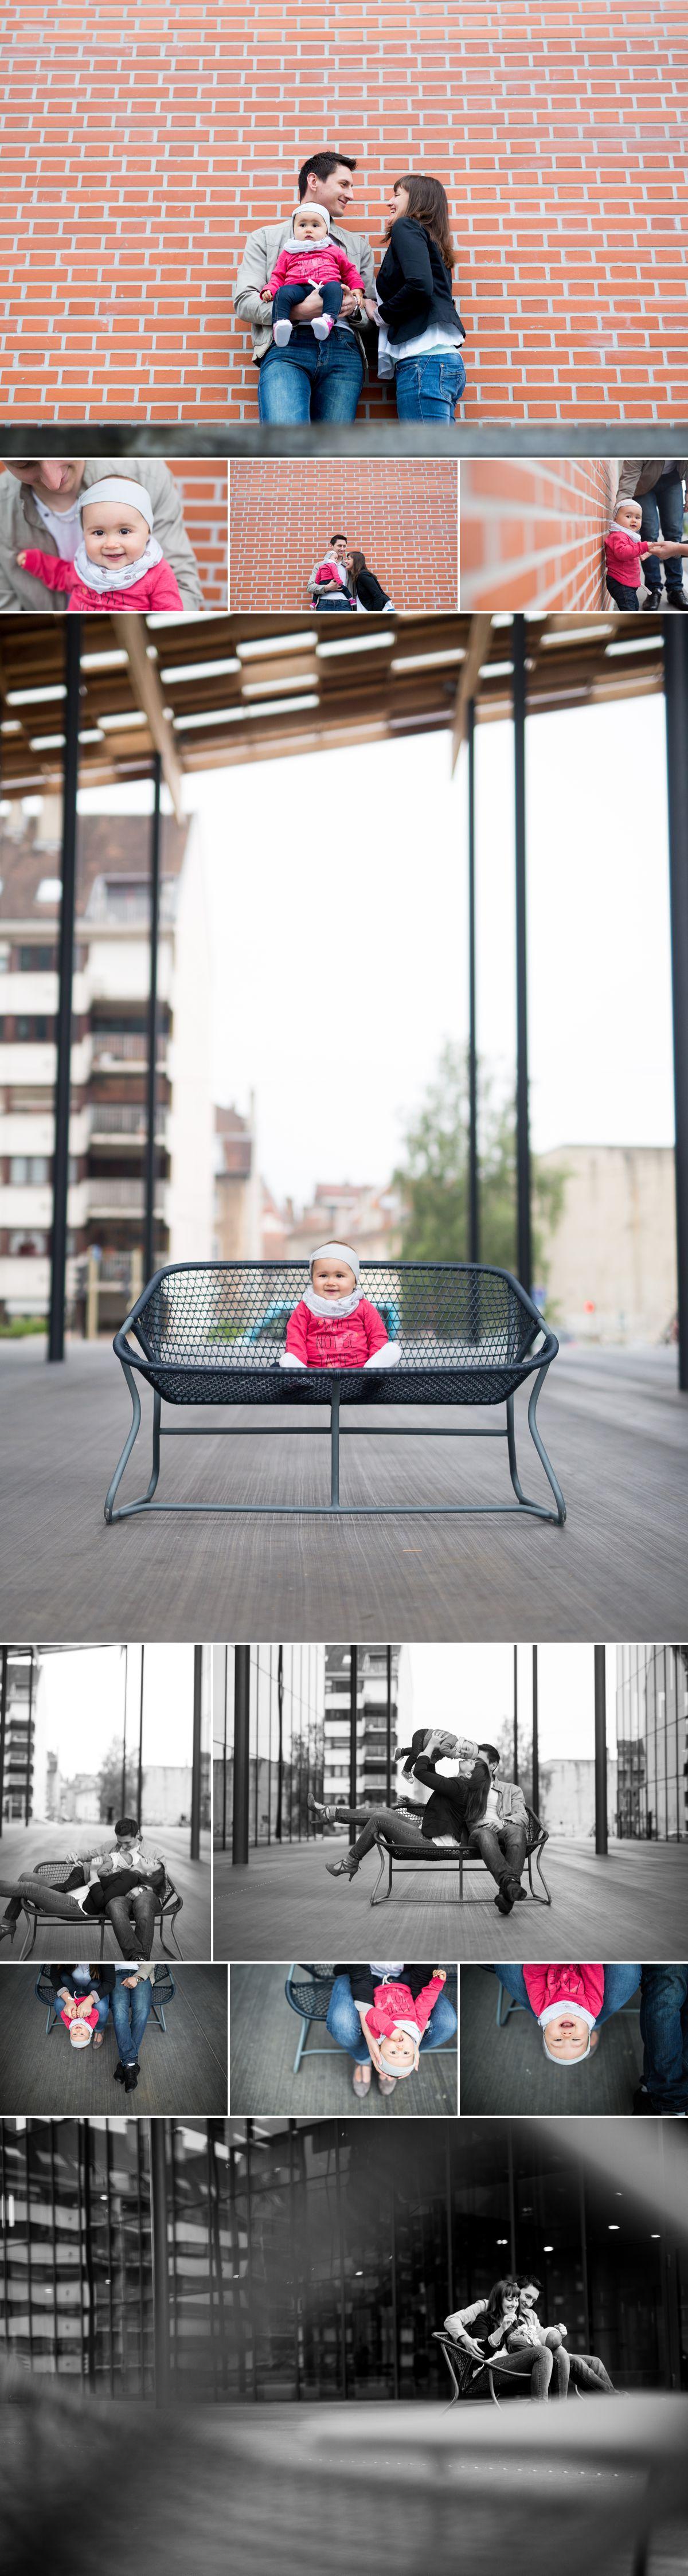 emiliekphotographie-seanceenfamille-photographebesancon-doubs-franchecomte 1